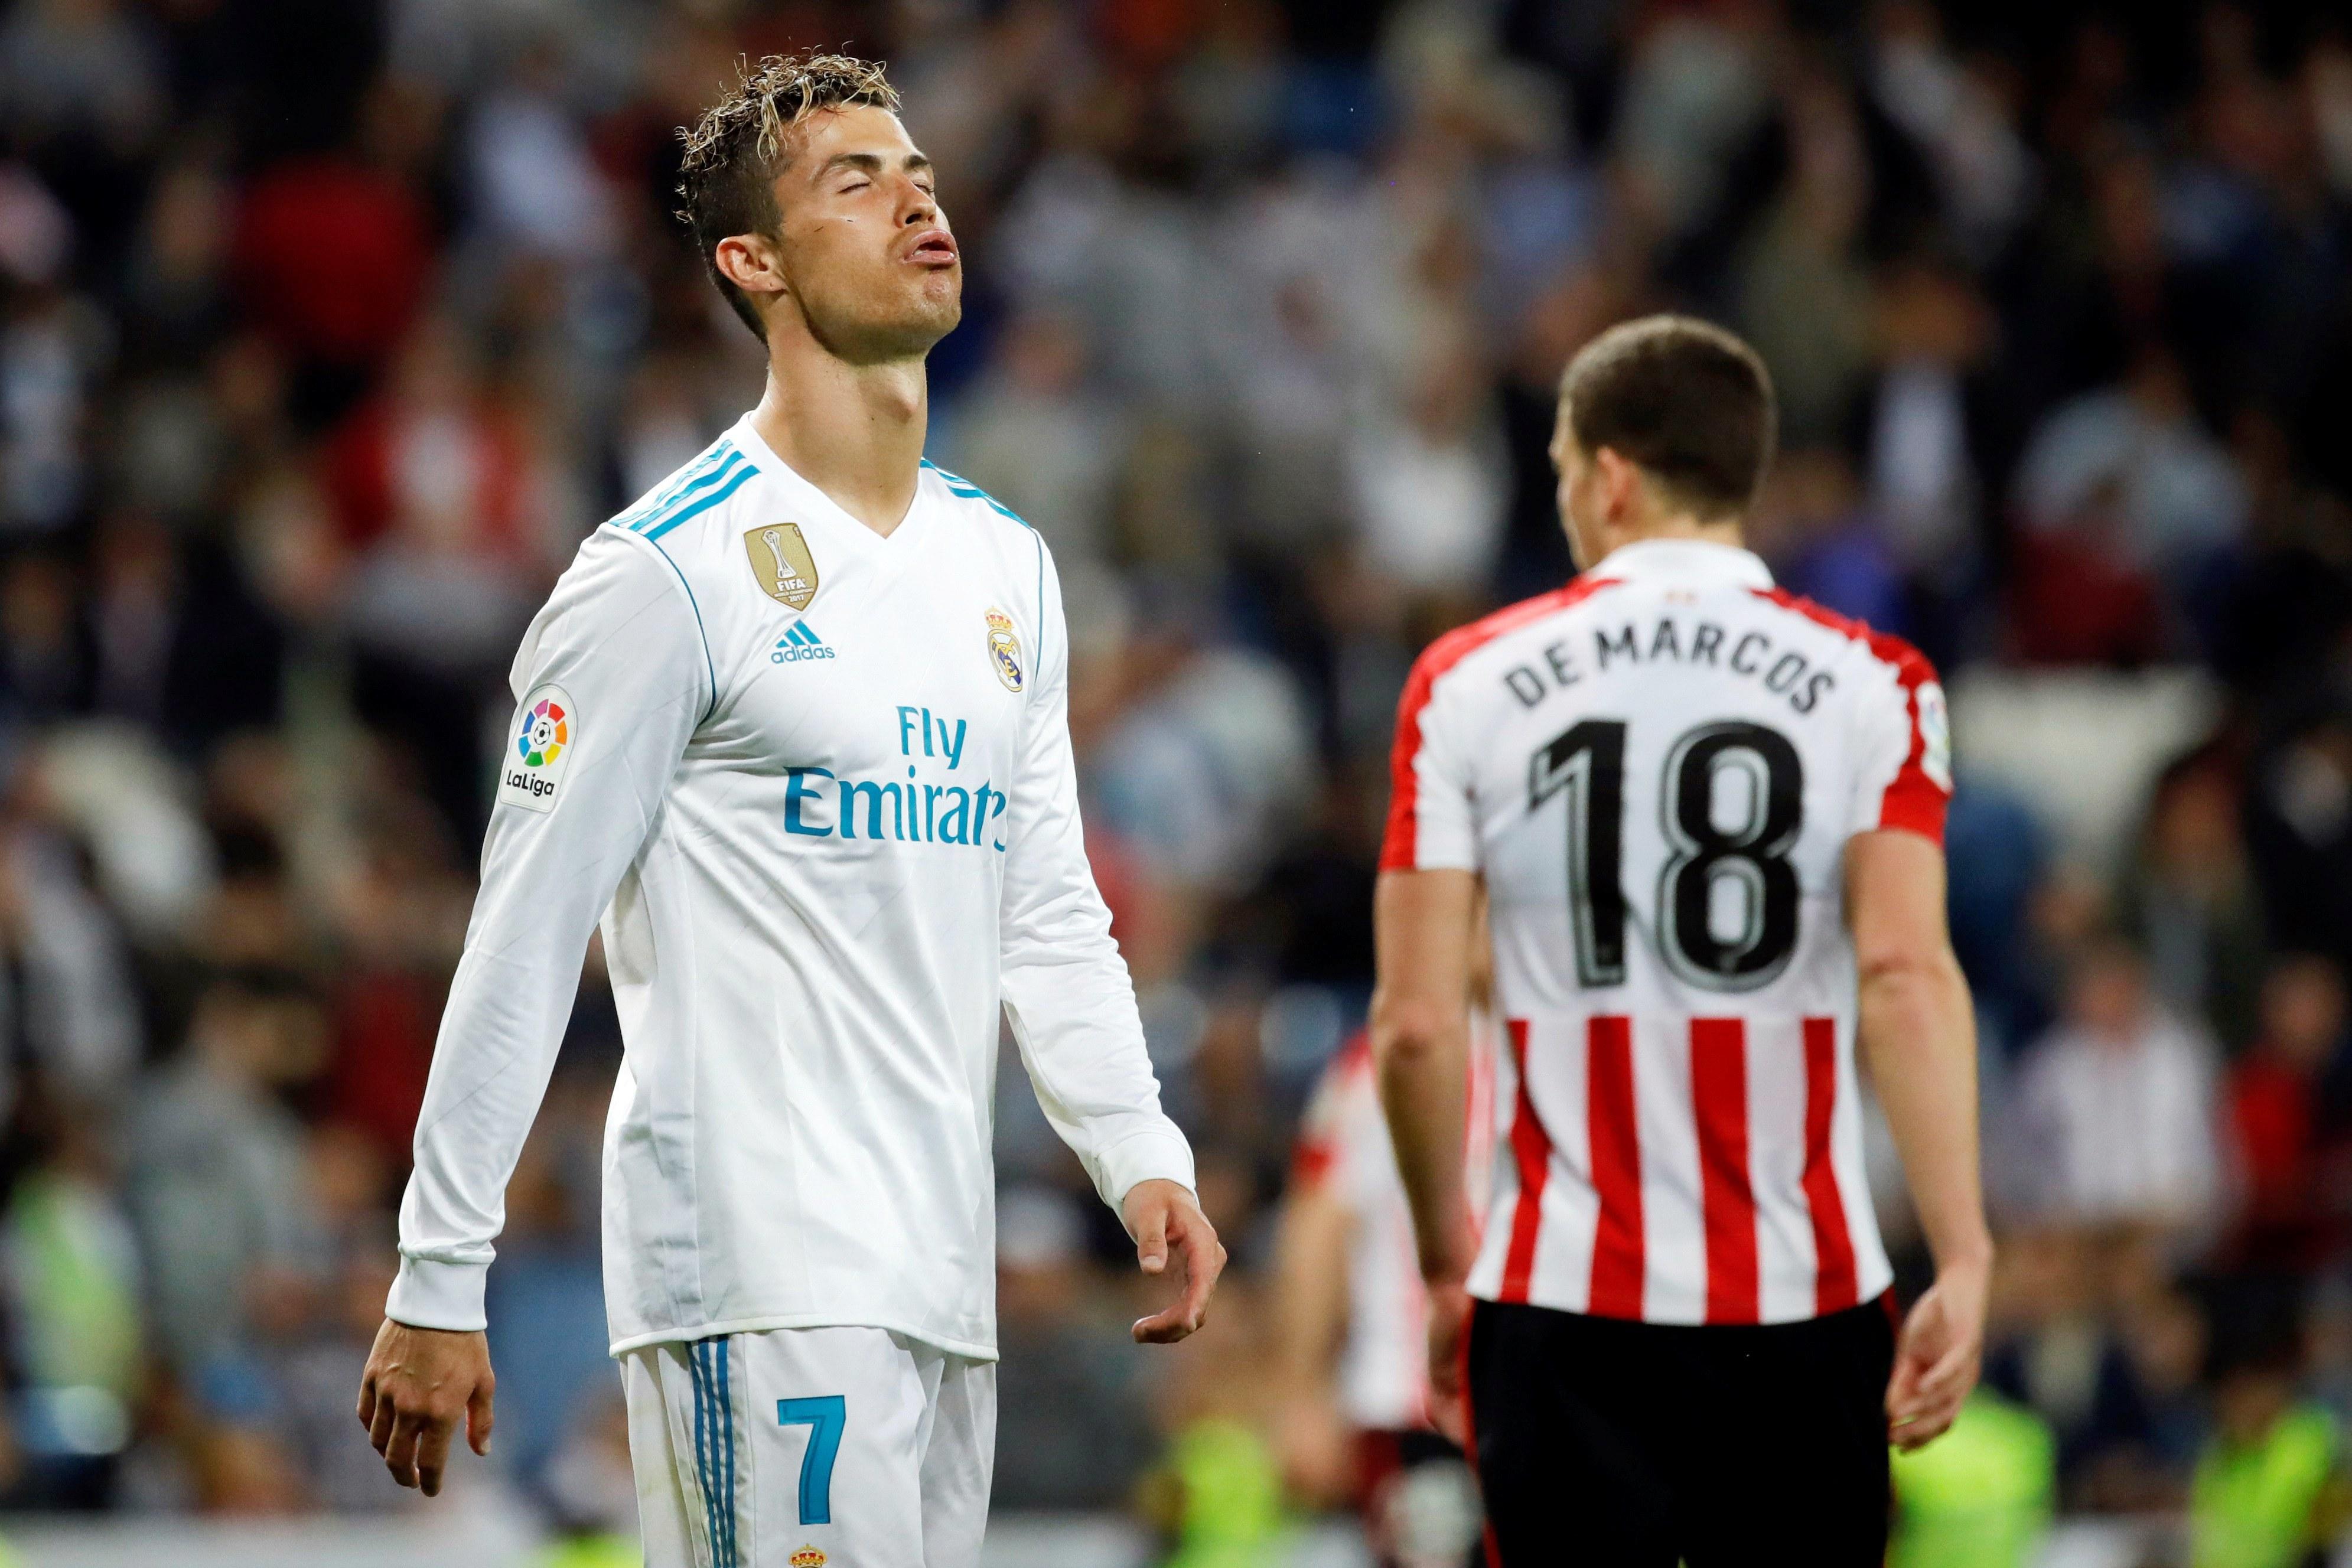 Ronaldo terá perdido a cabeça com juíza e a culpa foi de Messi